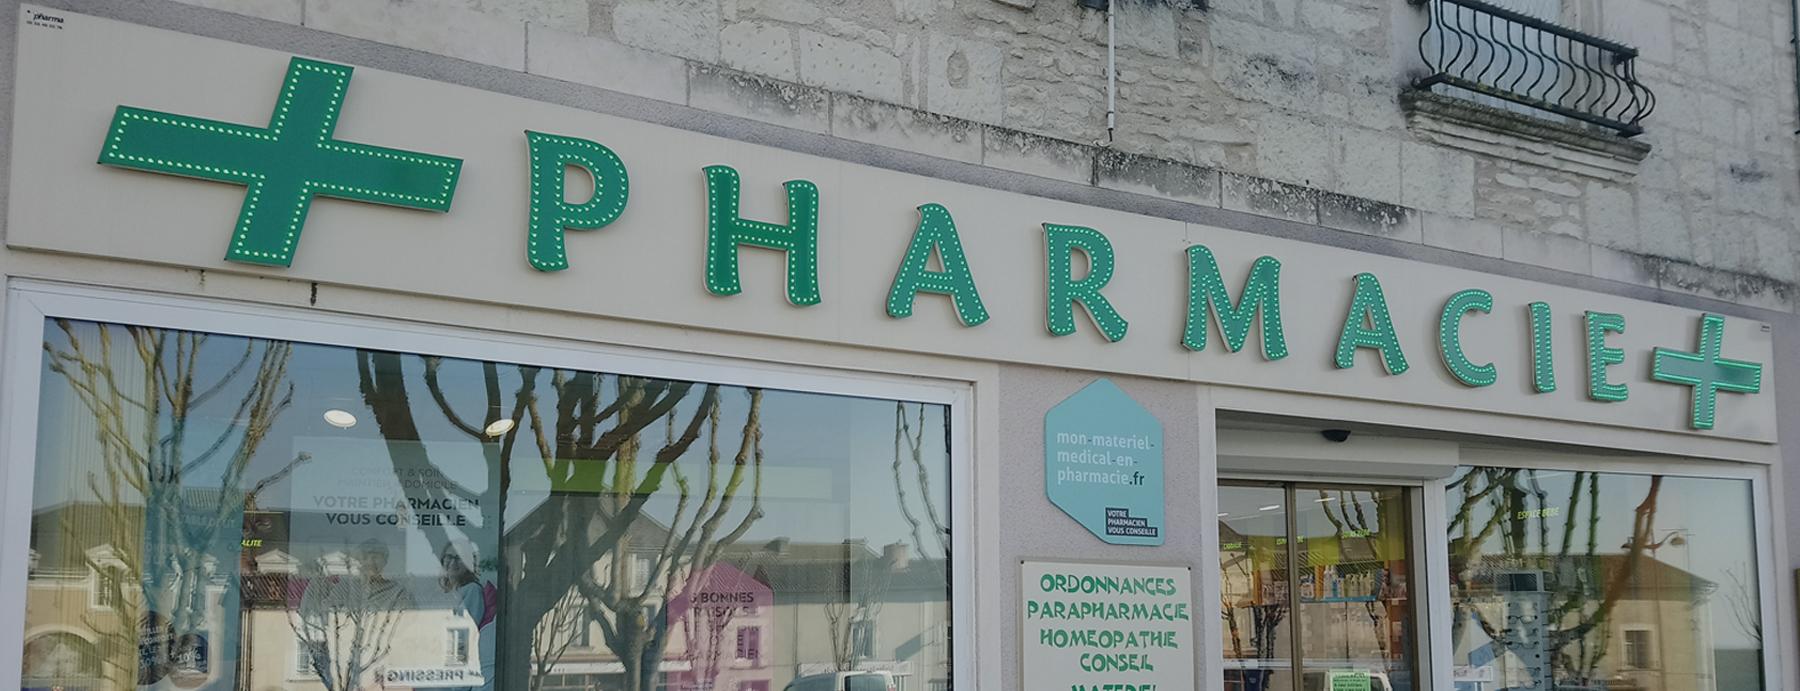 Pharmacie du Haut Poitouv matériel médical 86